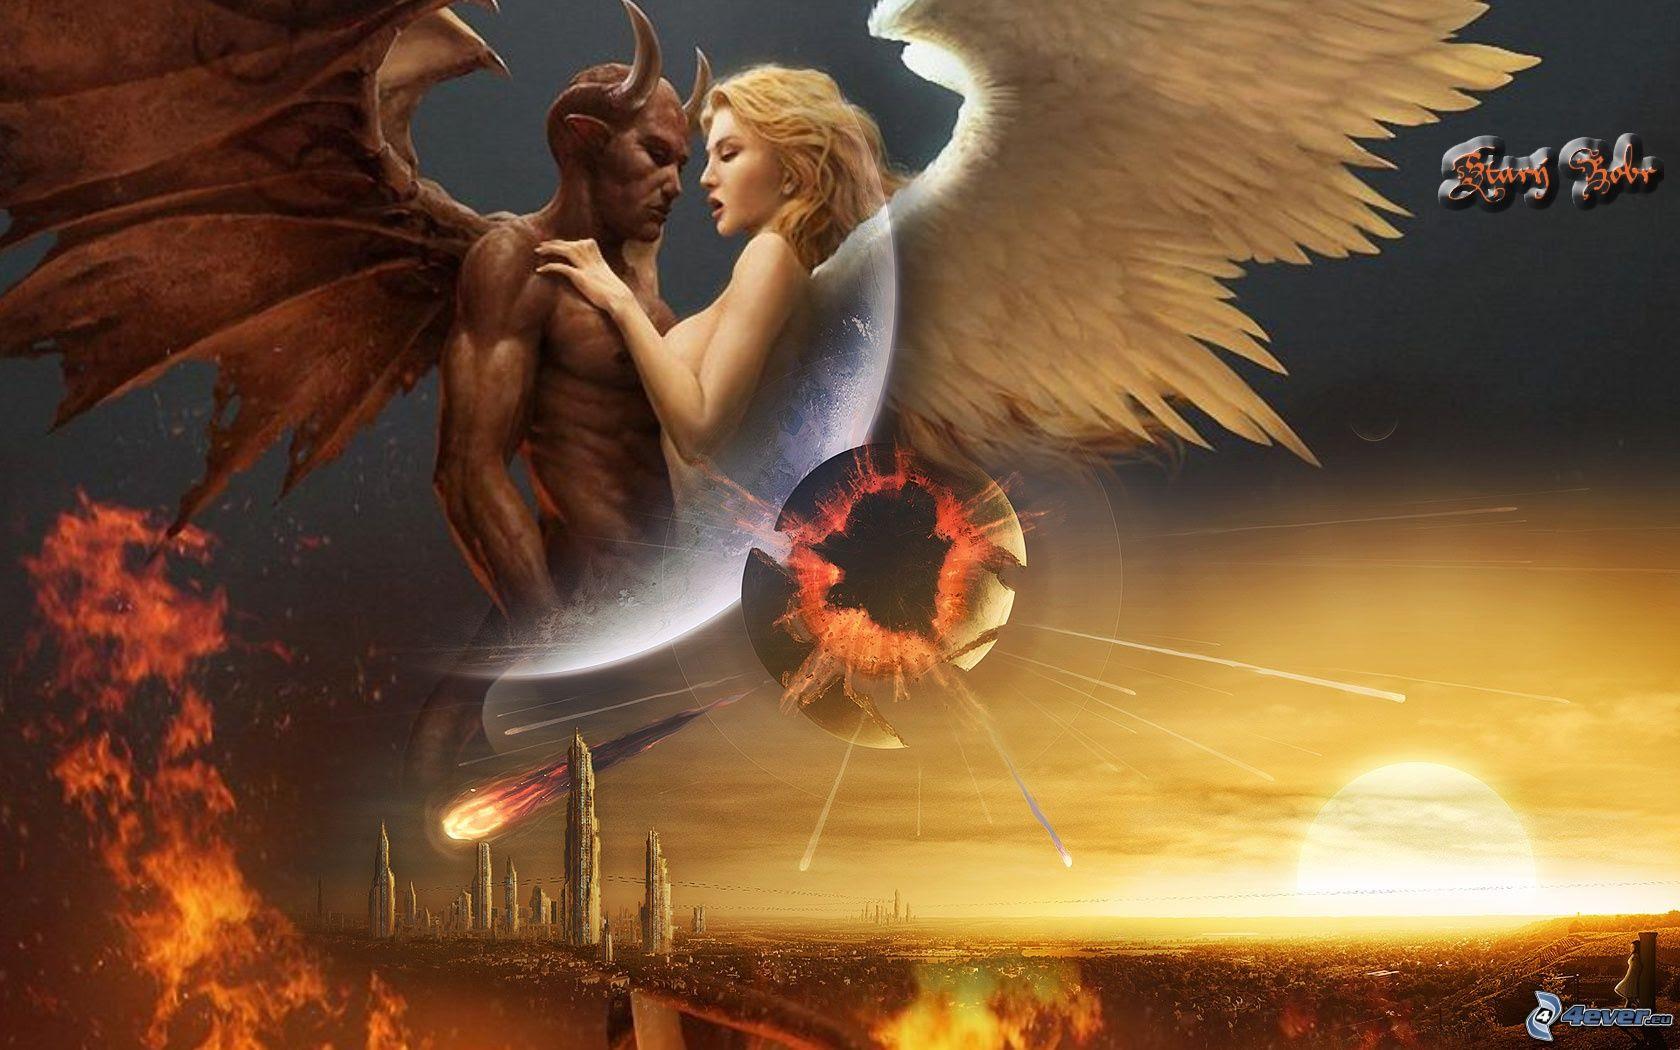 Tattoo Bilder Engel Und Teufel | Tattoo Arts